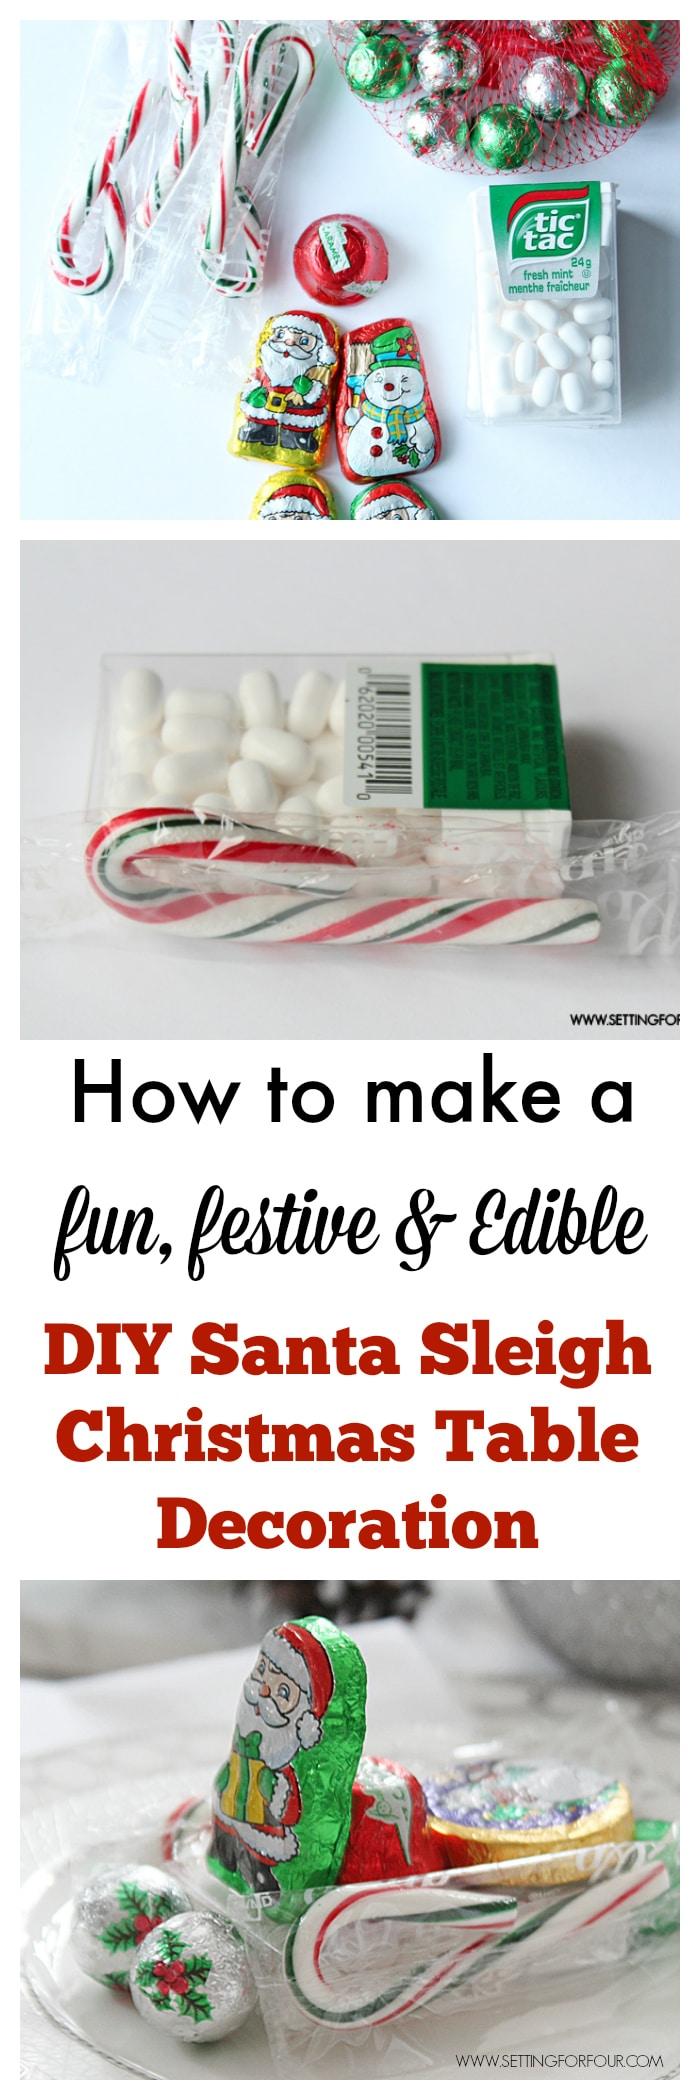 diy-santa-sleigh-christmas-table-decoration-1